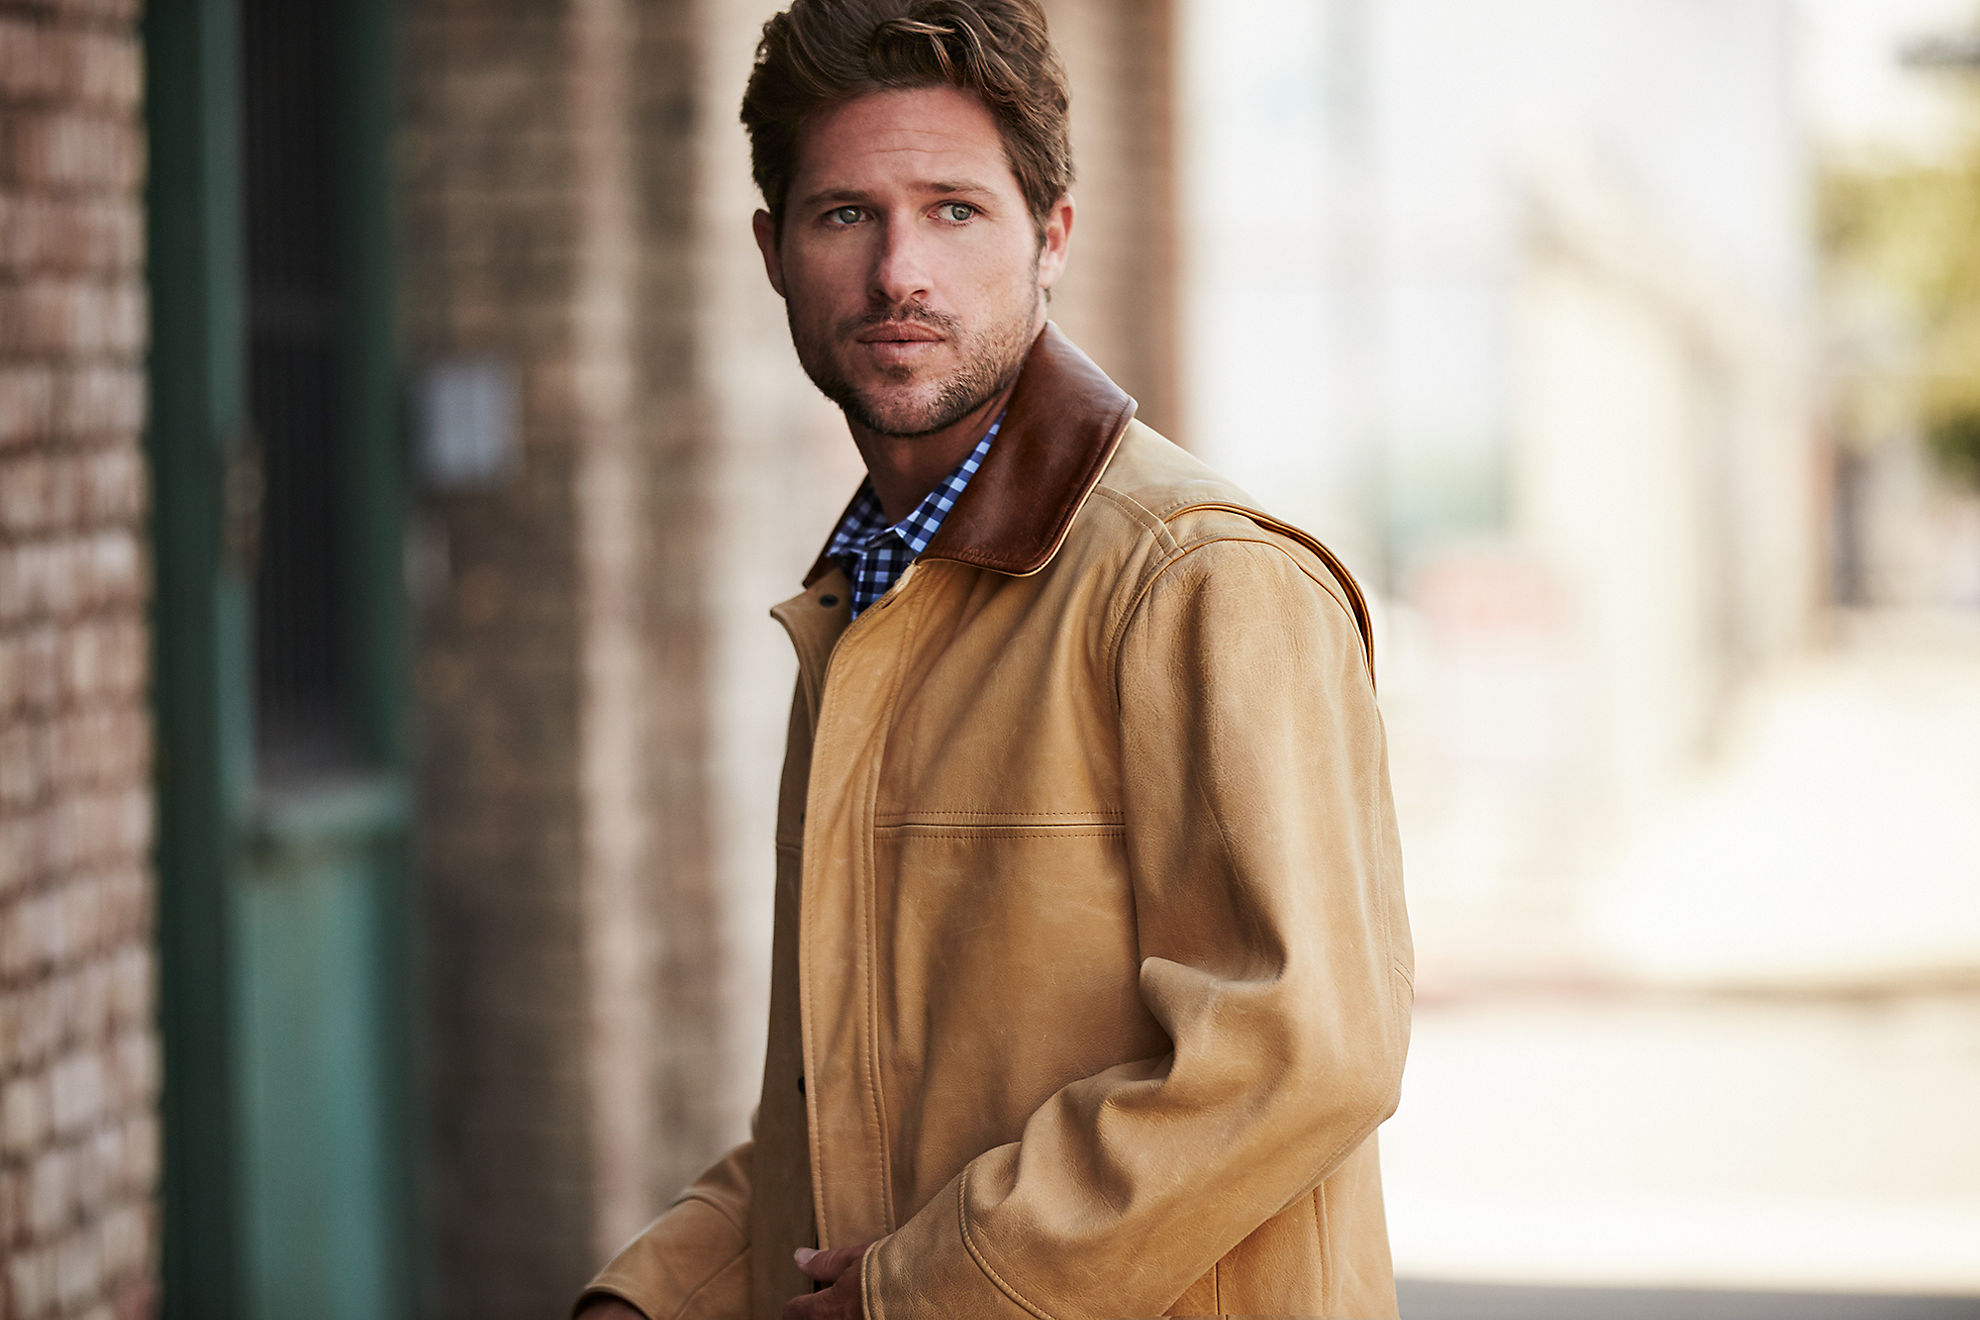 Country Gentleman Calfskin Leather Coat - Big (54 - 56)